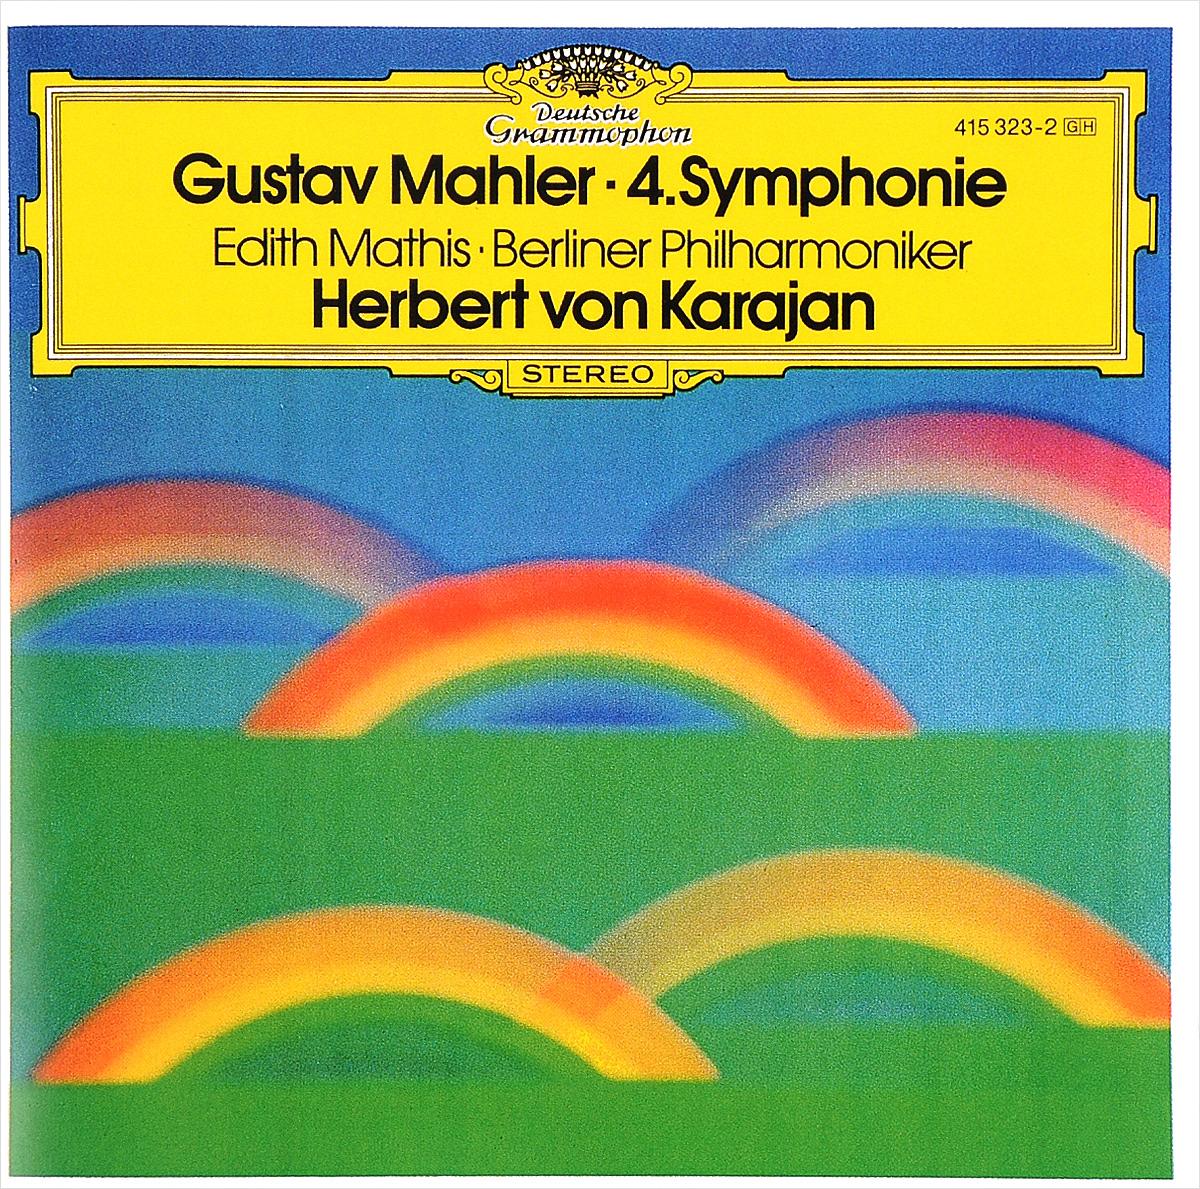 К изданию прилагается 20-страничный буклет с дополнительной информацией и текстами песен на немецком, английском, французском и итальянском языках.